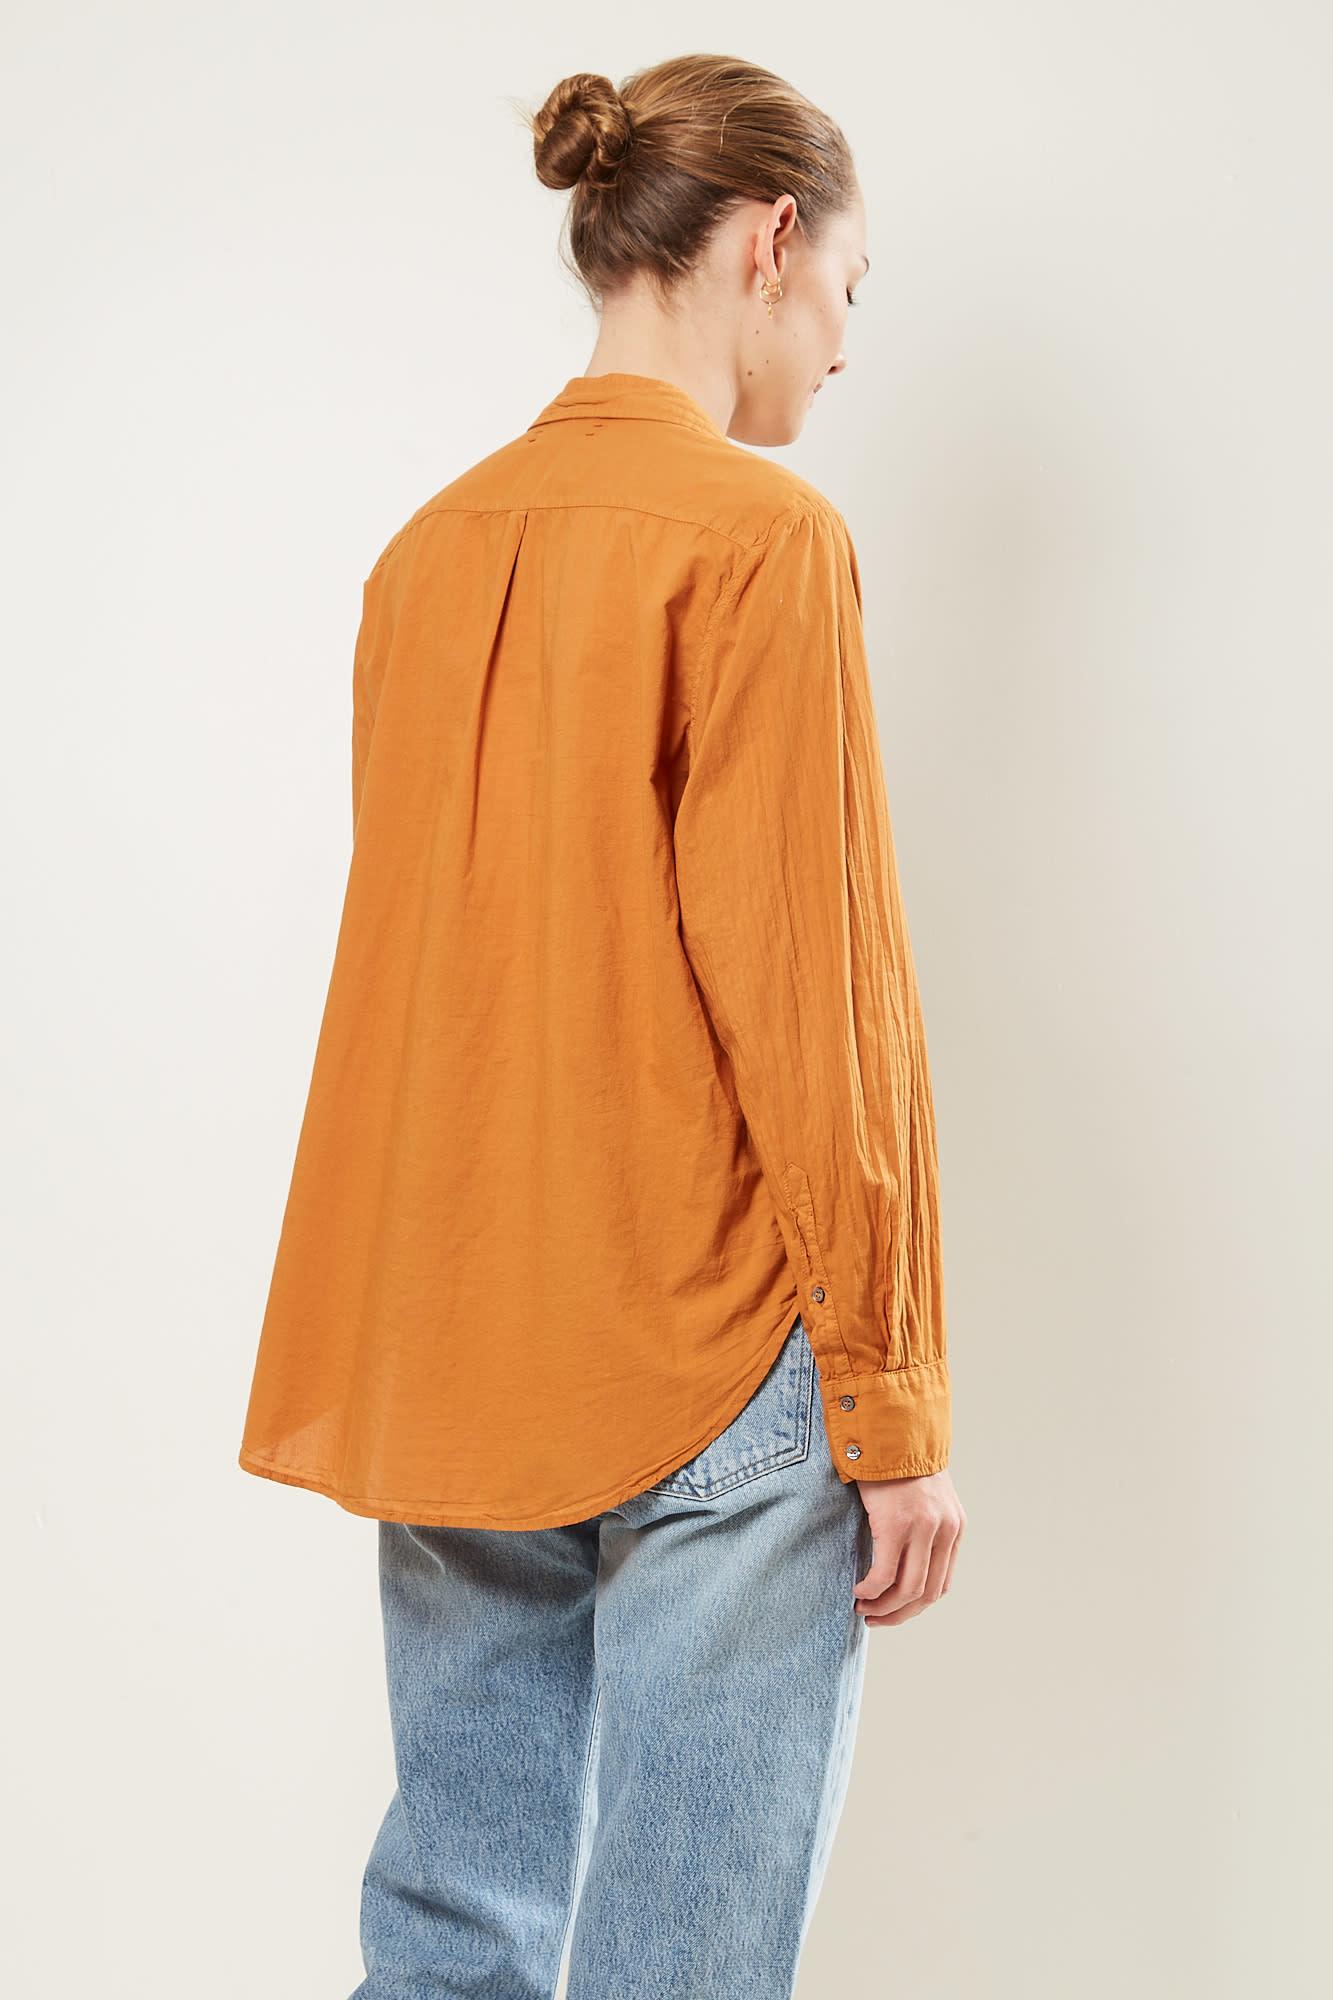 Xirena - Beau cotton poplin shirt golden